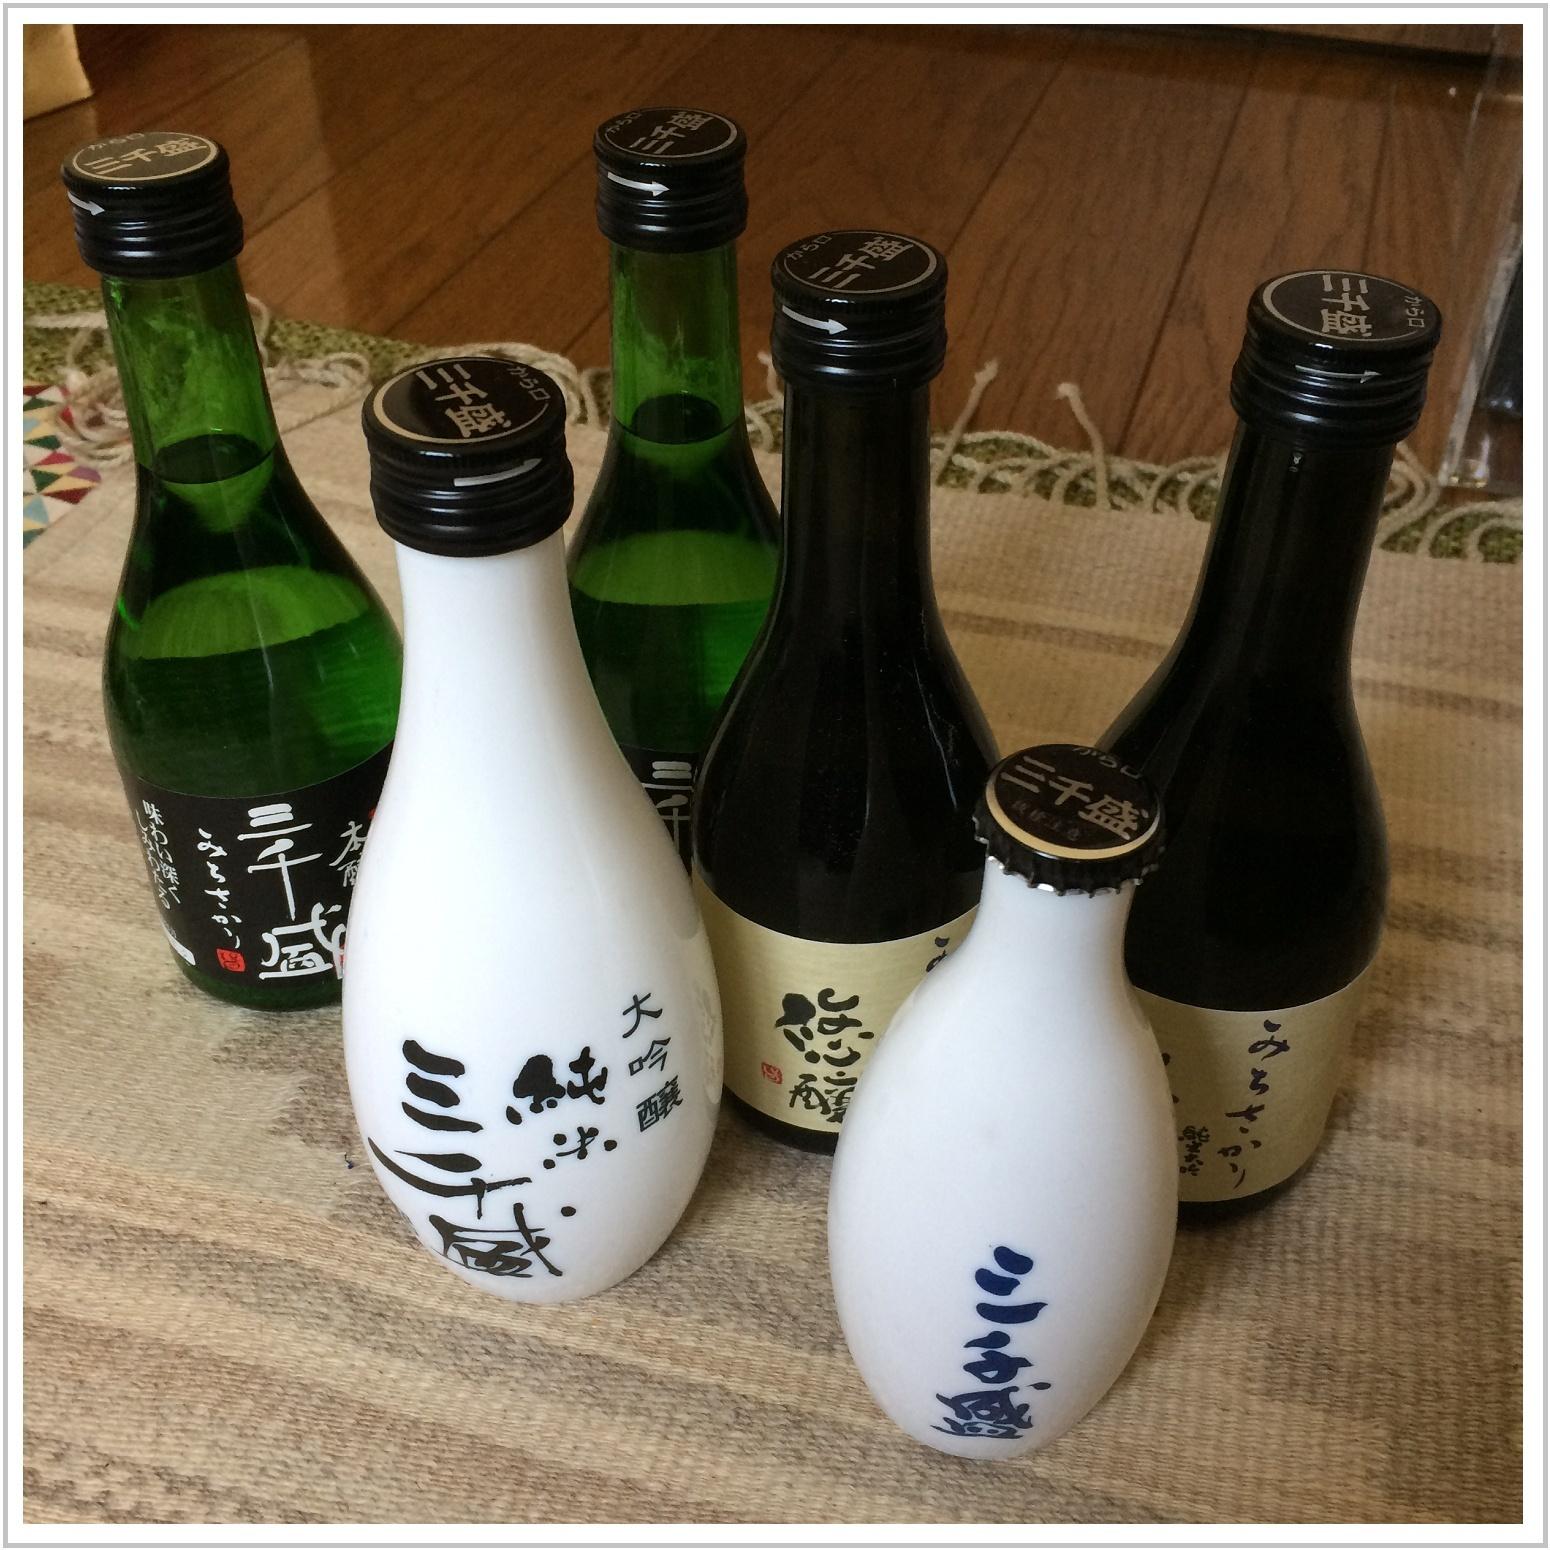 nagoya_2_529.jpg